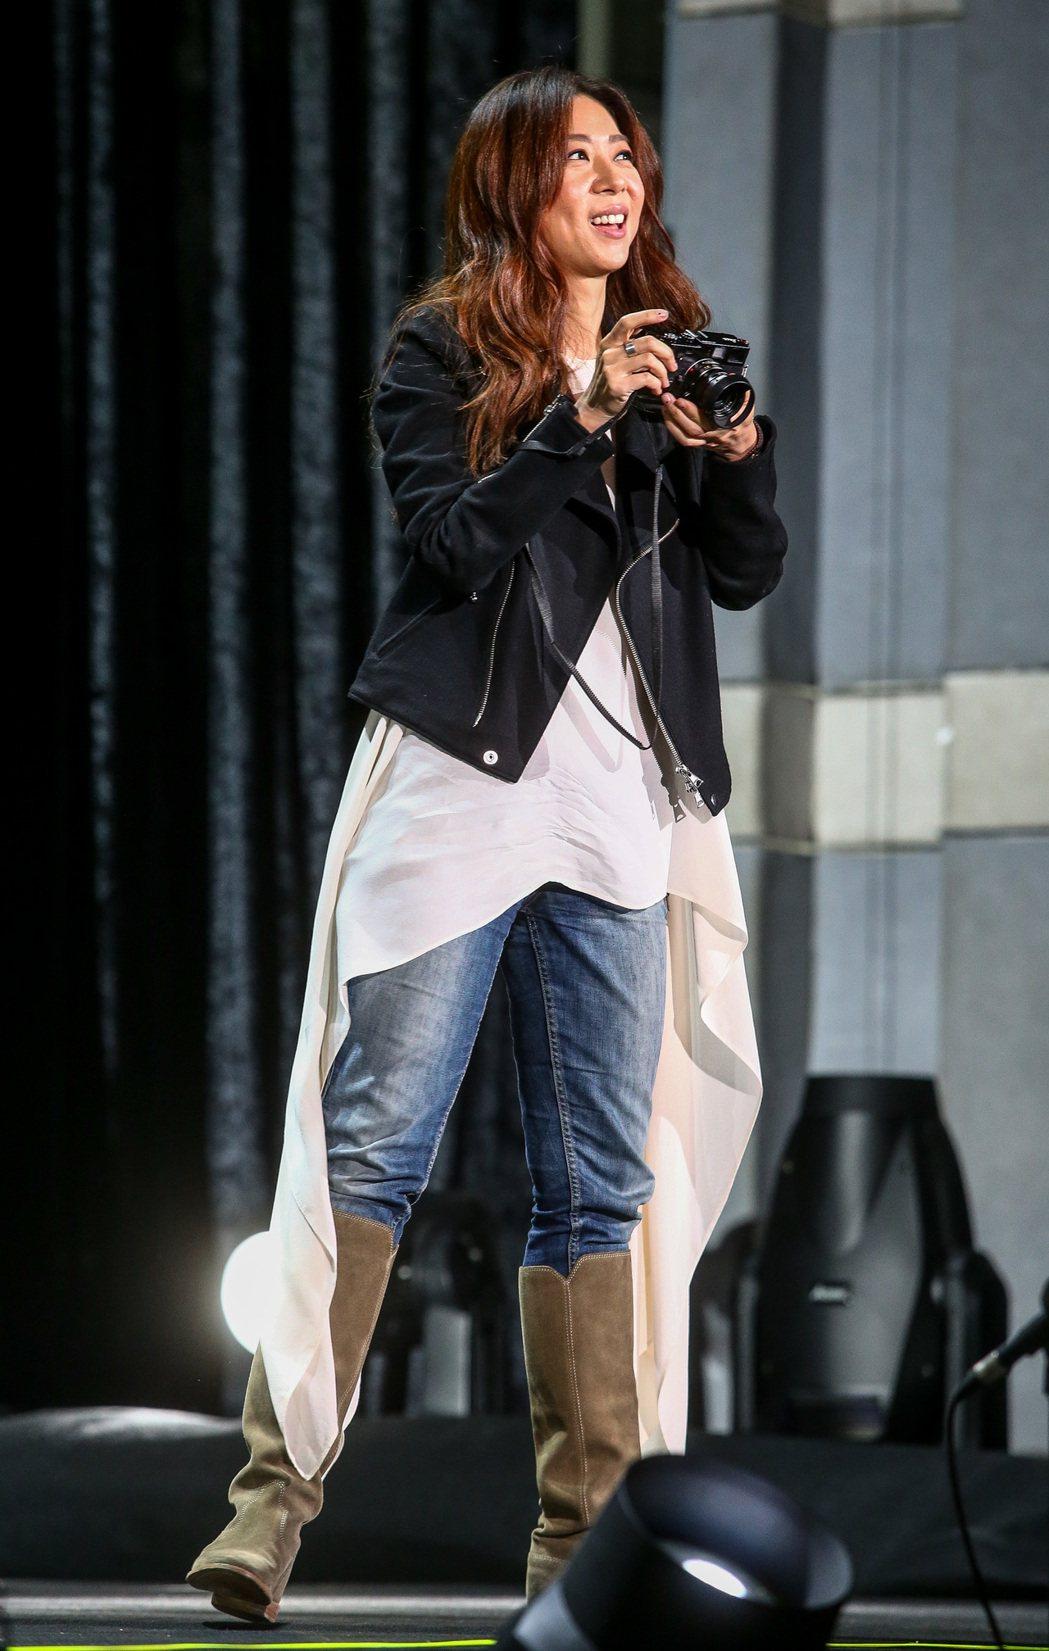 陳綺貞今晚第三度開唱,到一半時拿出自己的相機,拍攝台下的粉絲。記者程宜華/攝影